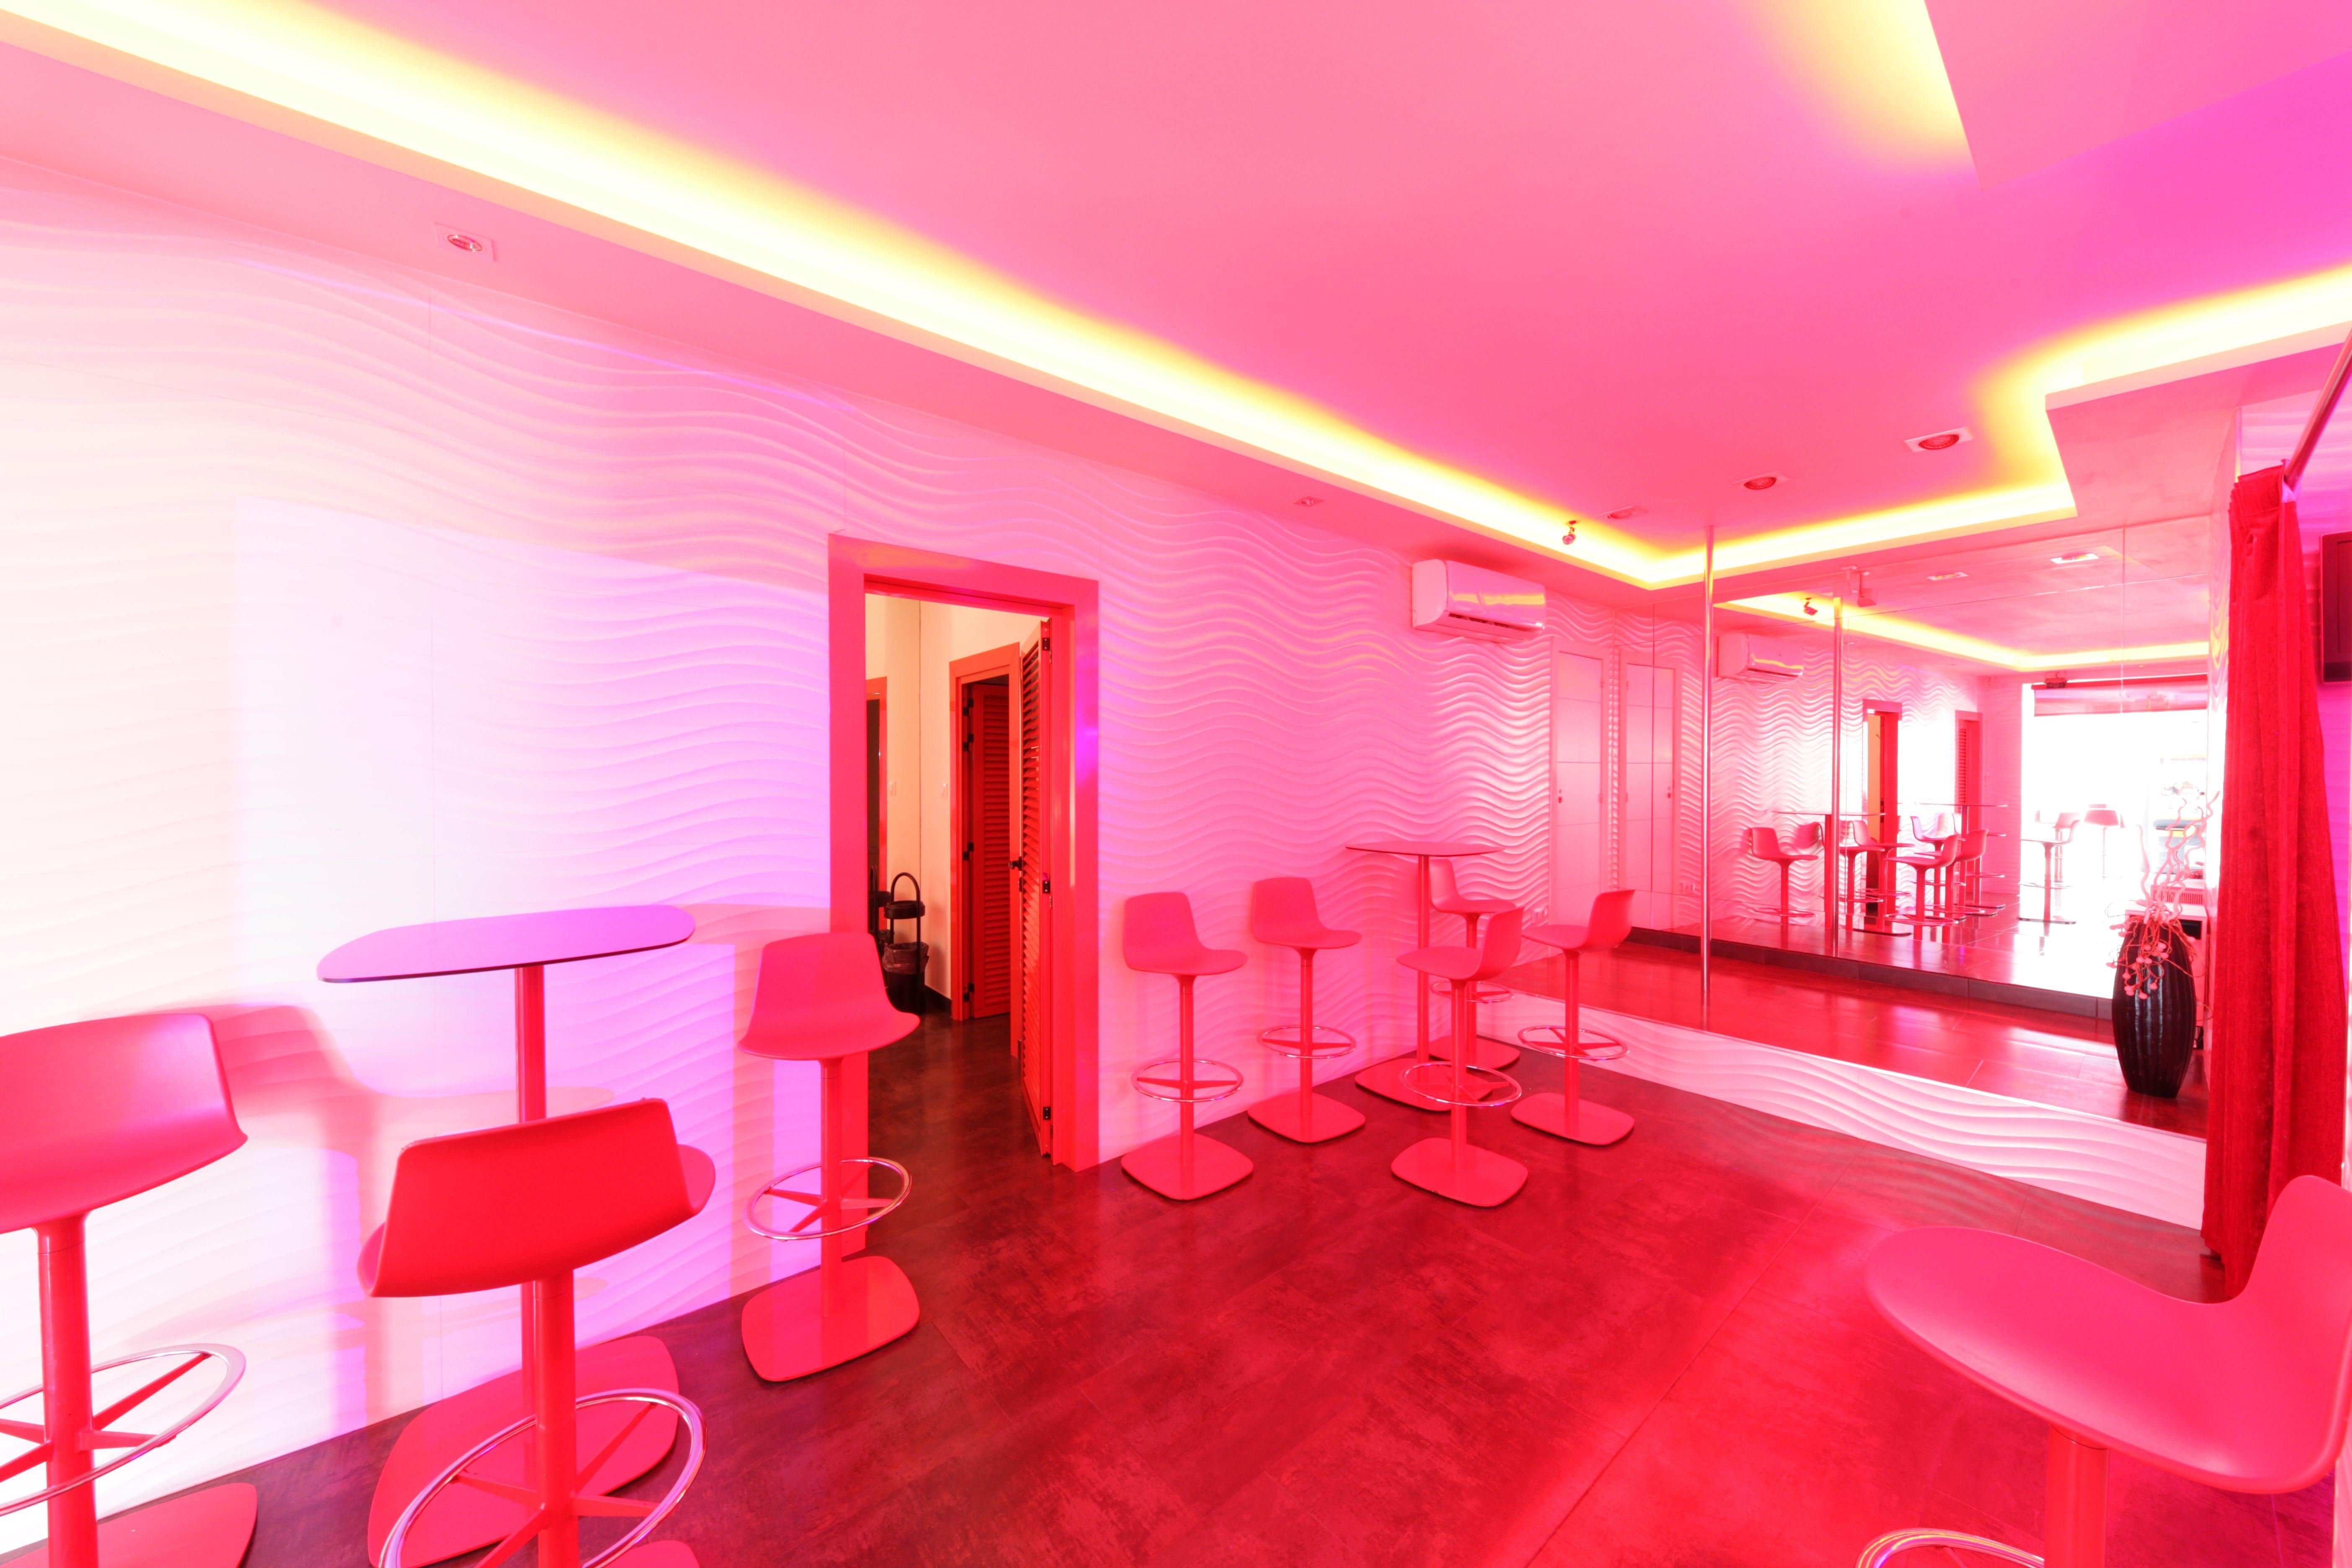 Foto 2 de Clubs nocturnos en Eivissa | Vipp Club Ibiza